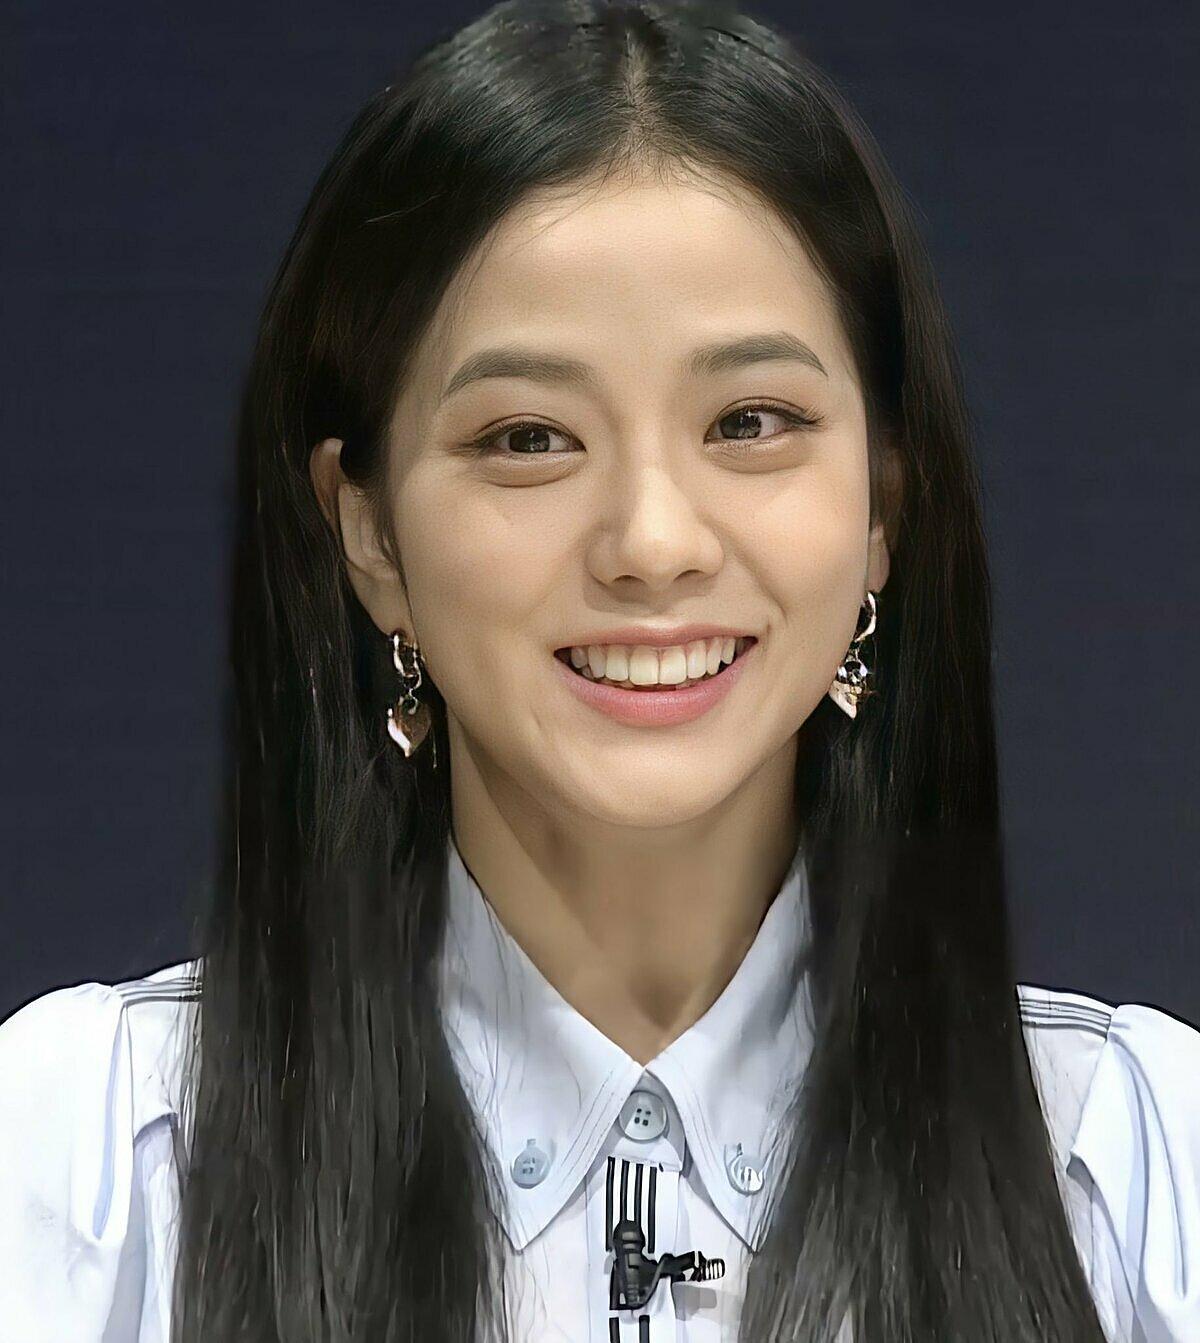 Gương mặt Ji Soo bị chê già, nhiều nếp nhăn.